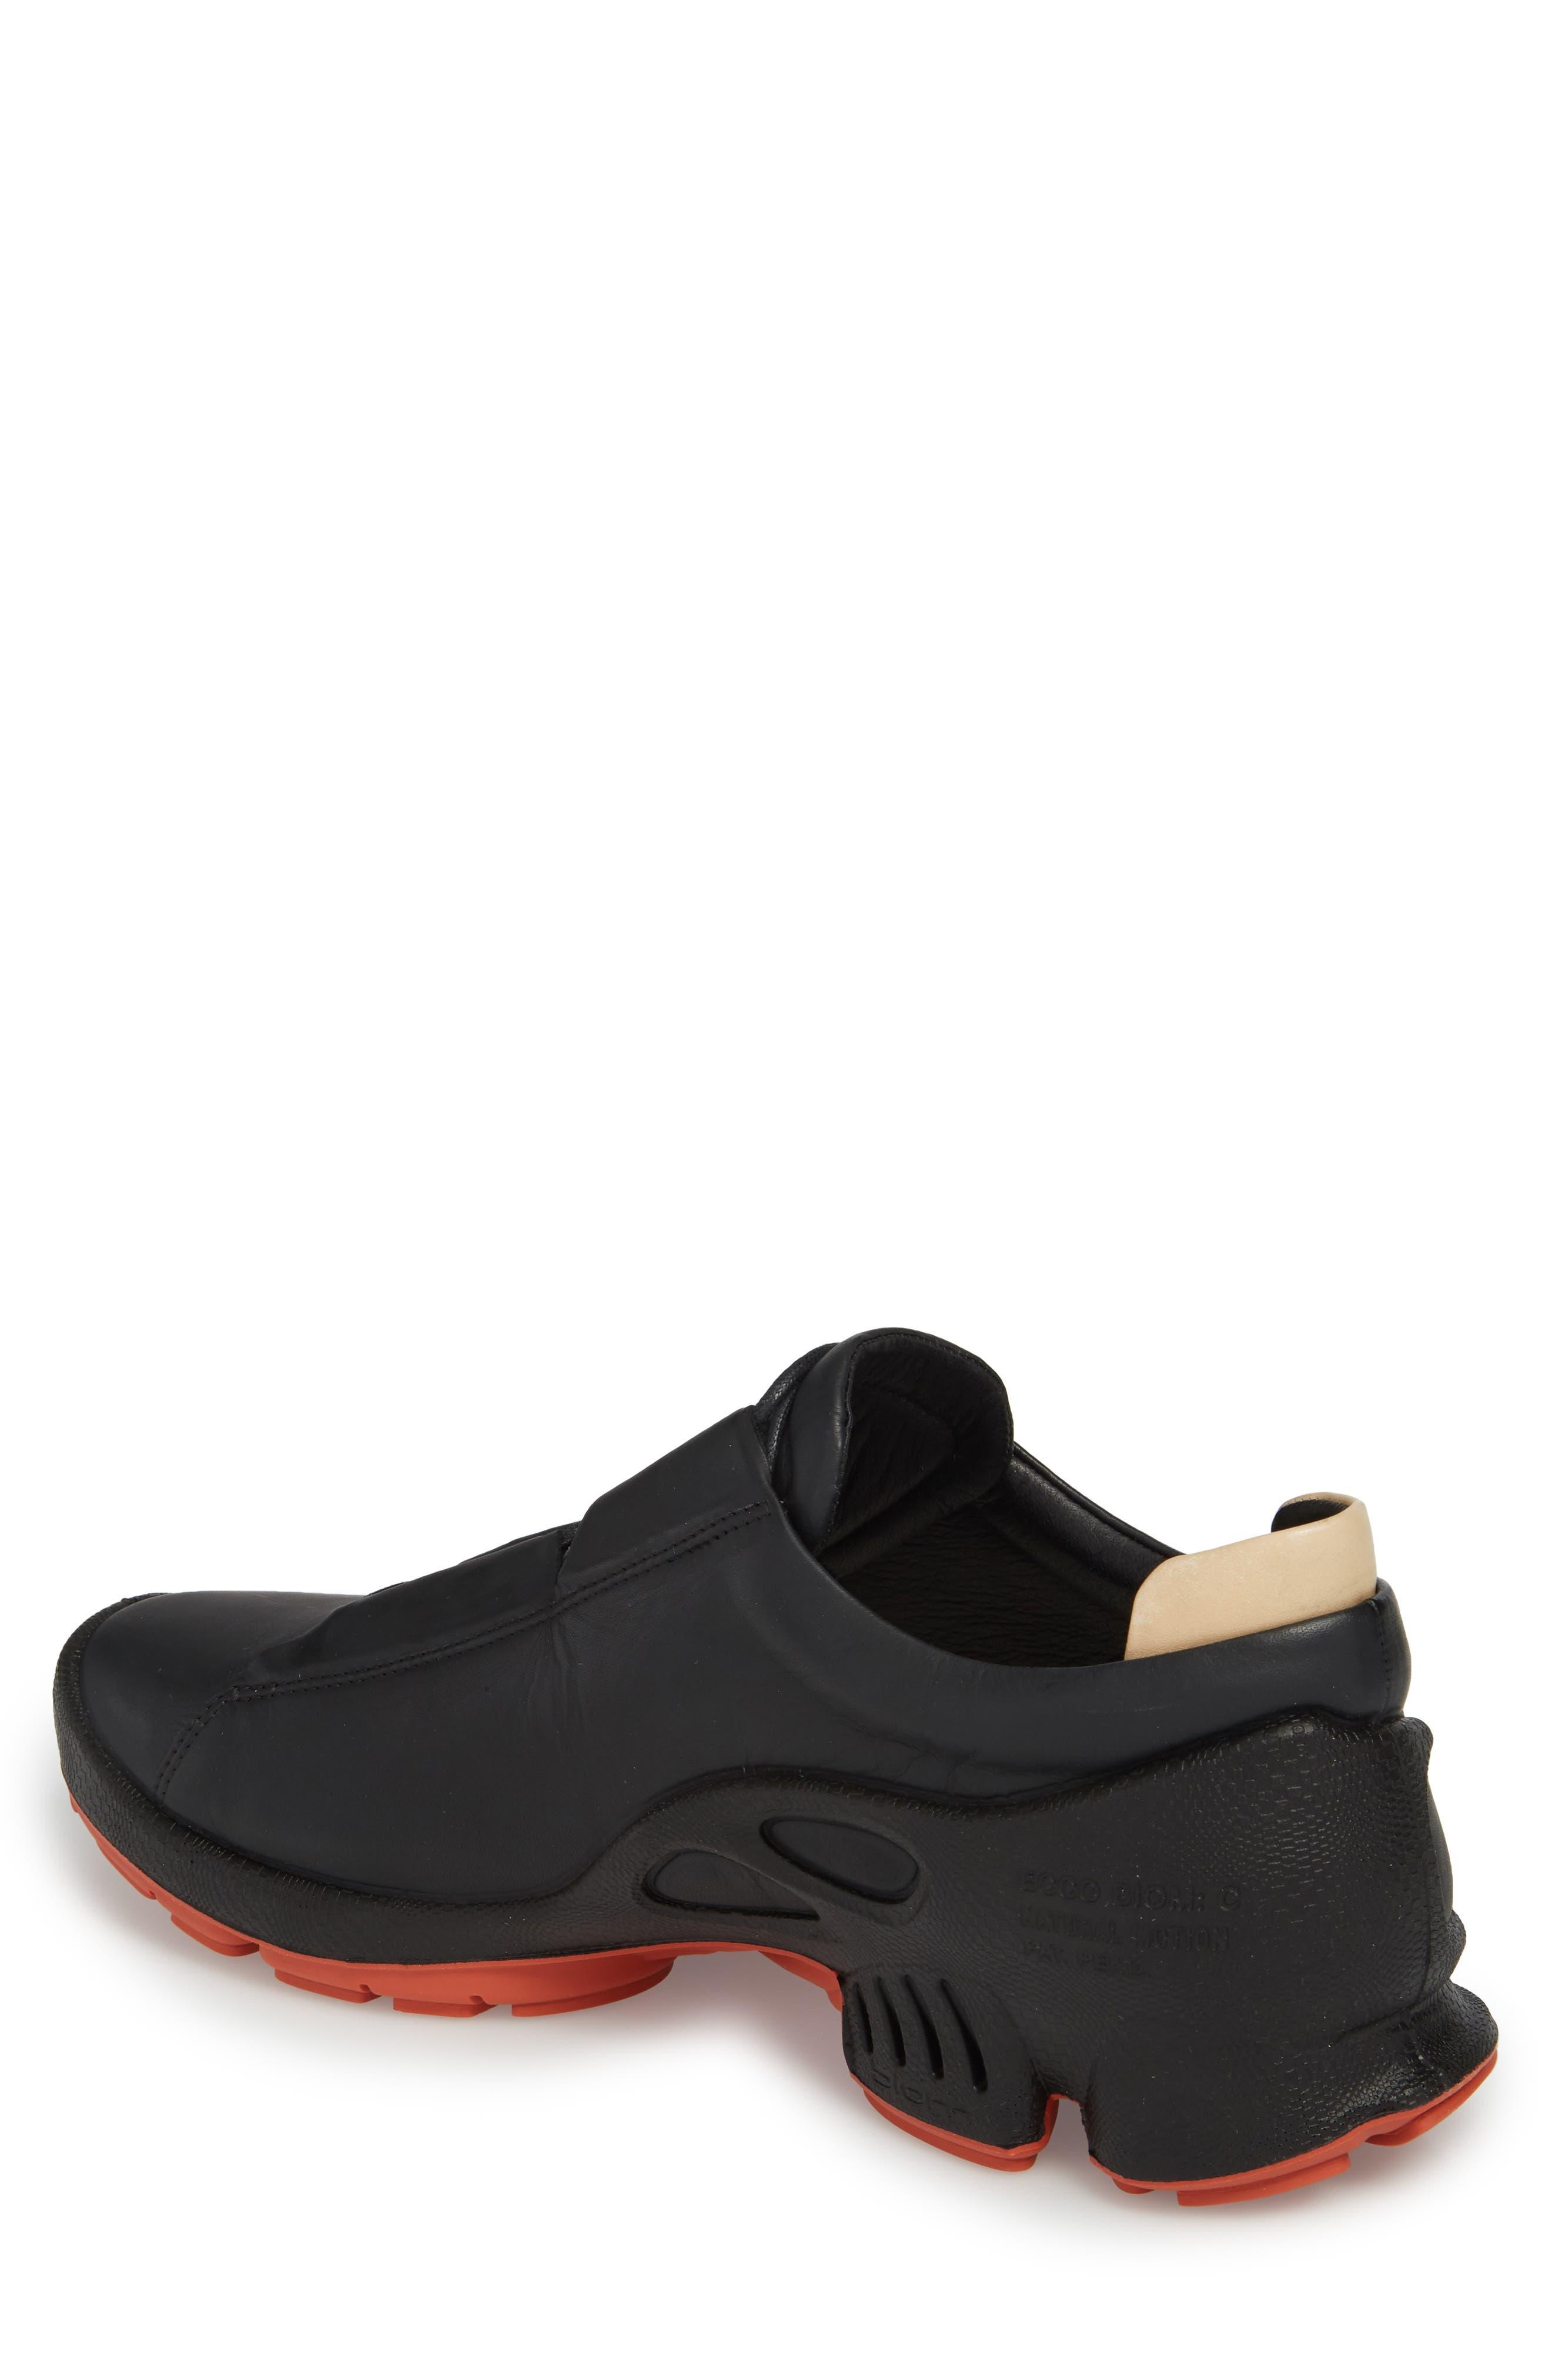 BIOM C Low Top Sneaker,                             Alternate thumbnail 2, color,                             003